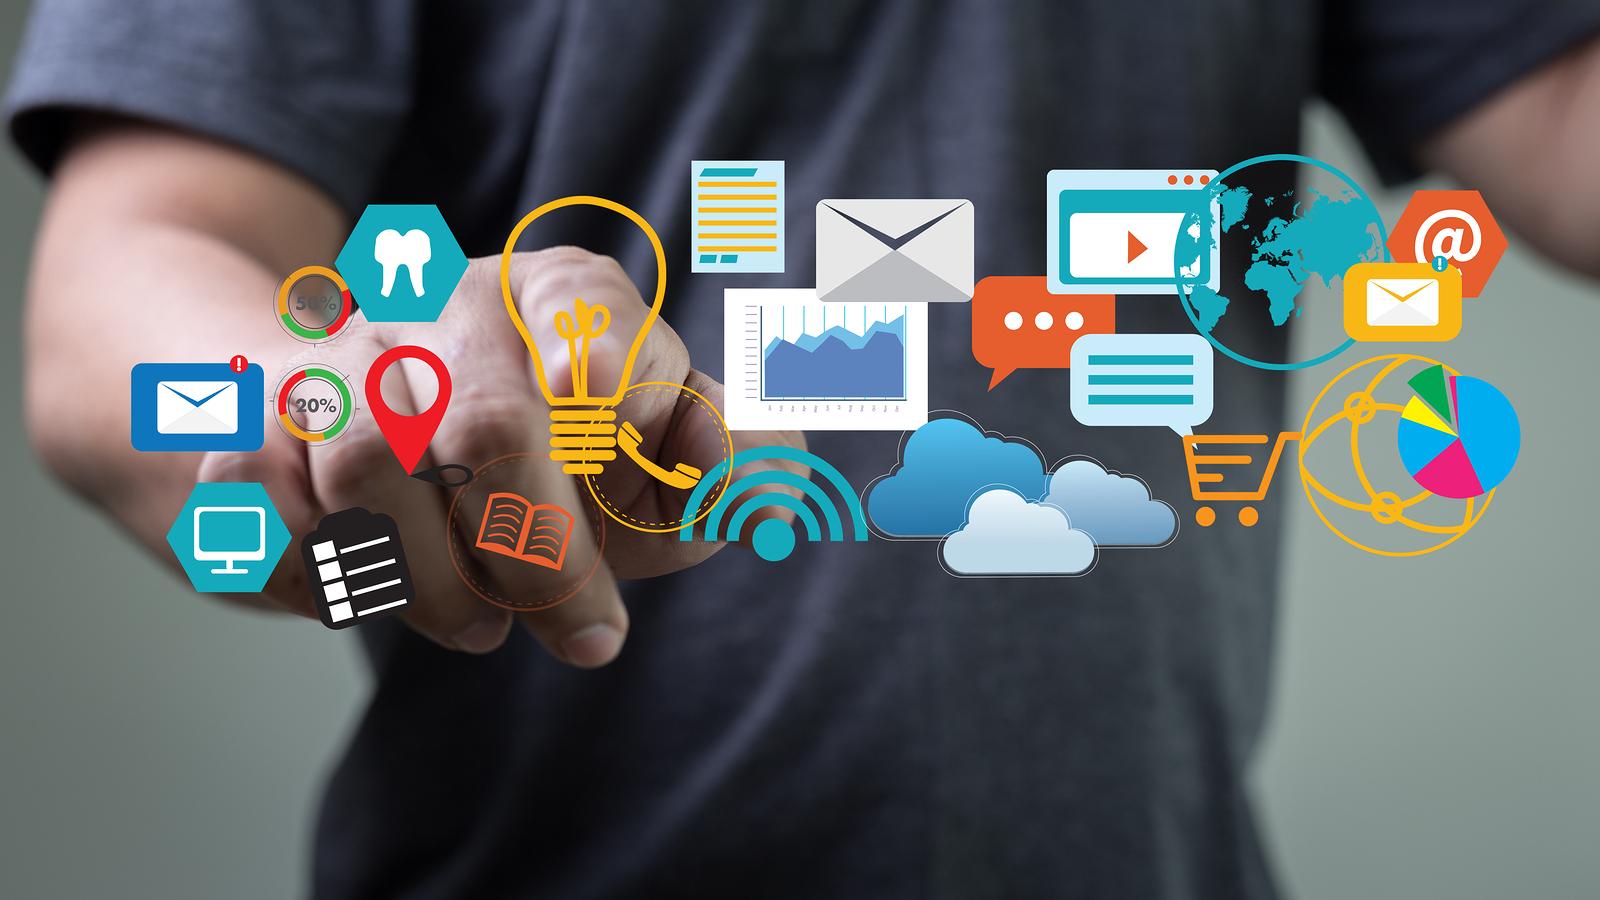 Xây dựng thương hiệu thông qua quảng cáo hiệu quả cao cho doanh nghiệp